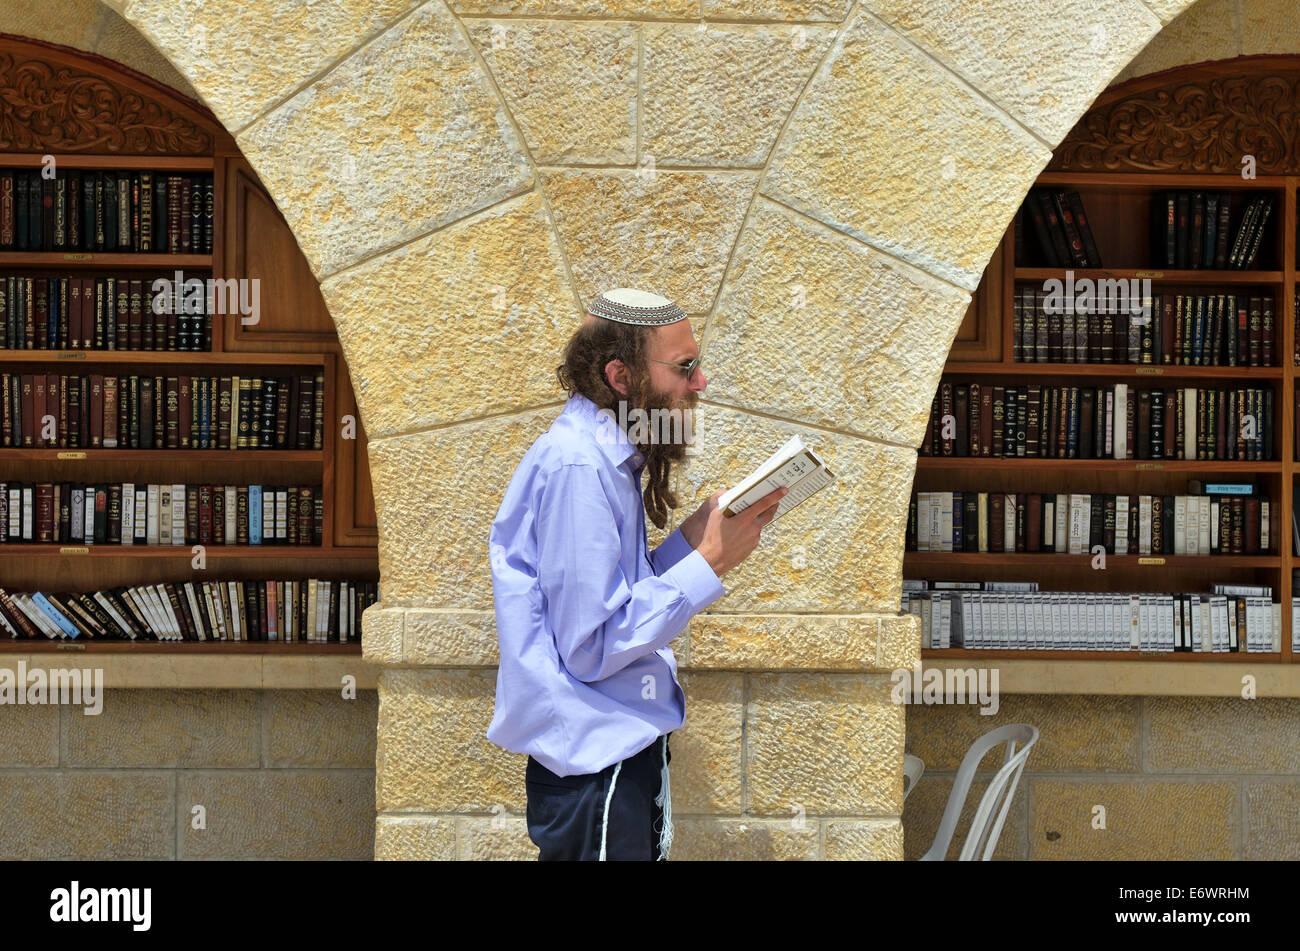 Jew reads Torah near the Torah ark at the Wailing Wall, Jerusalem, Israel - Stock Image